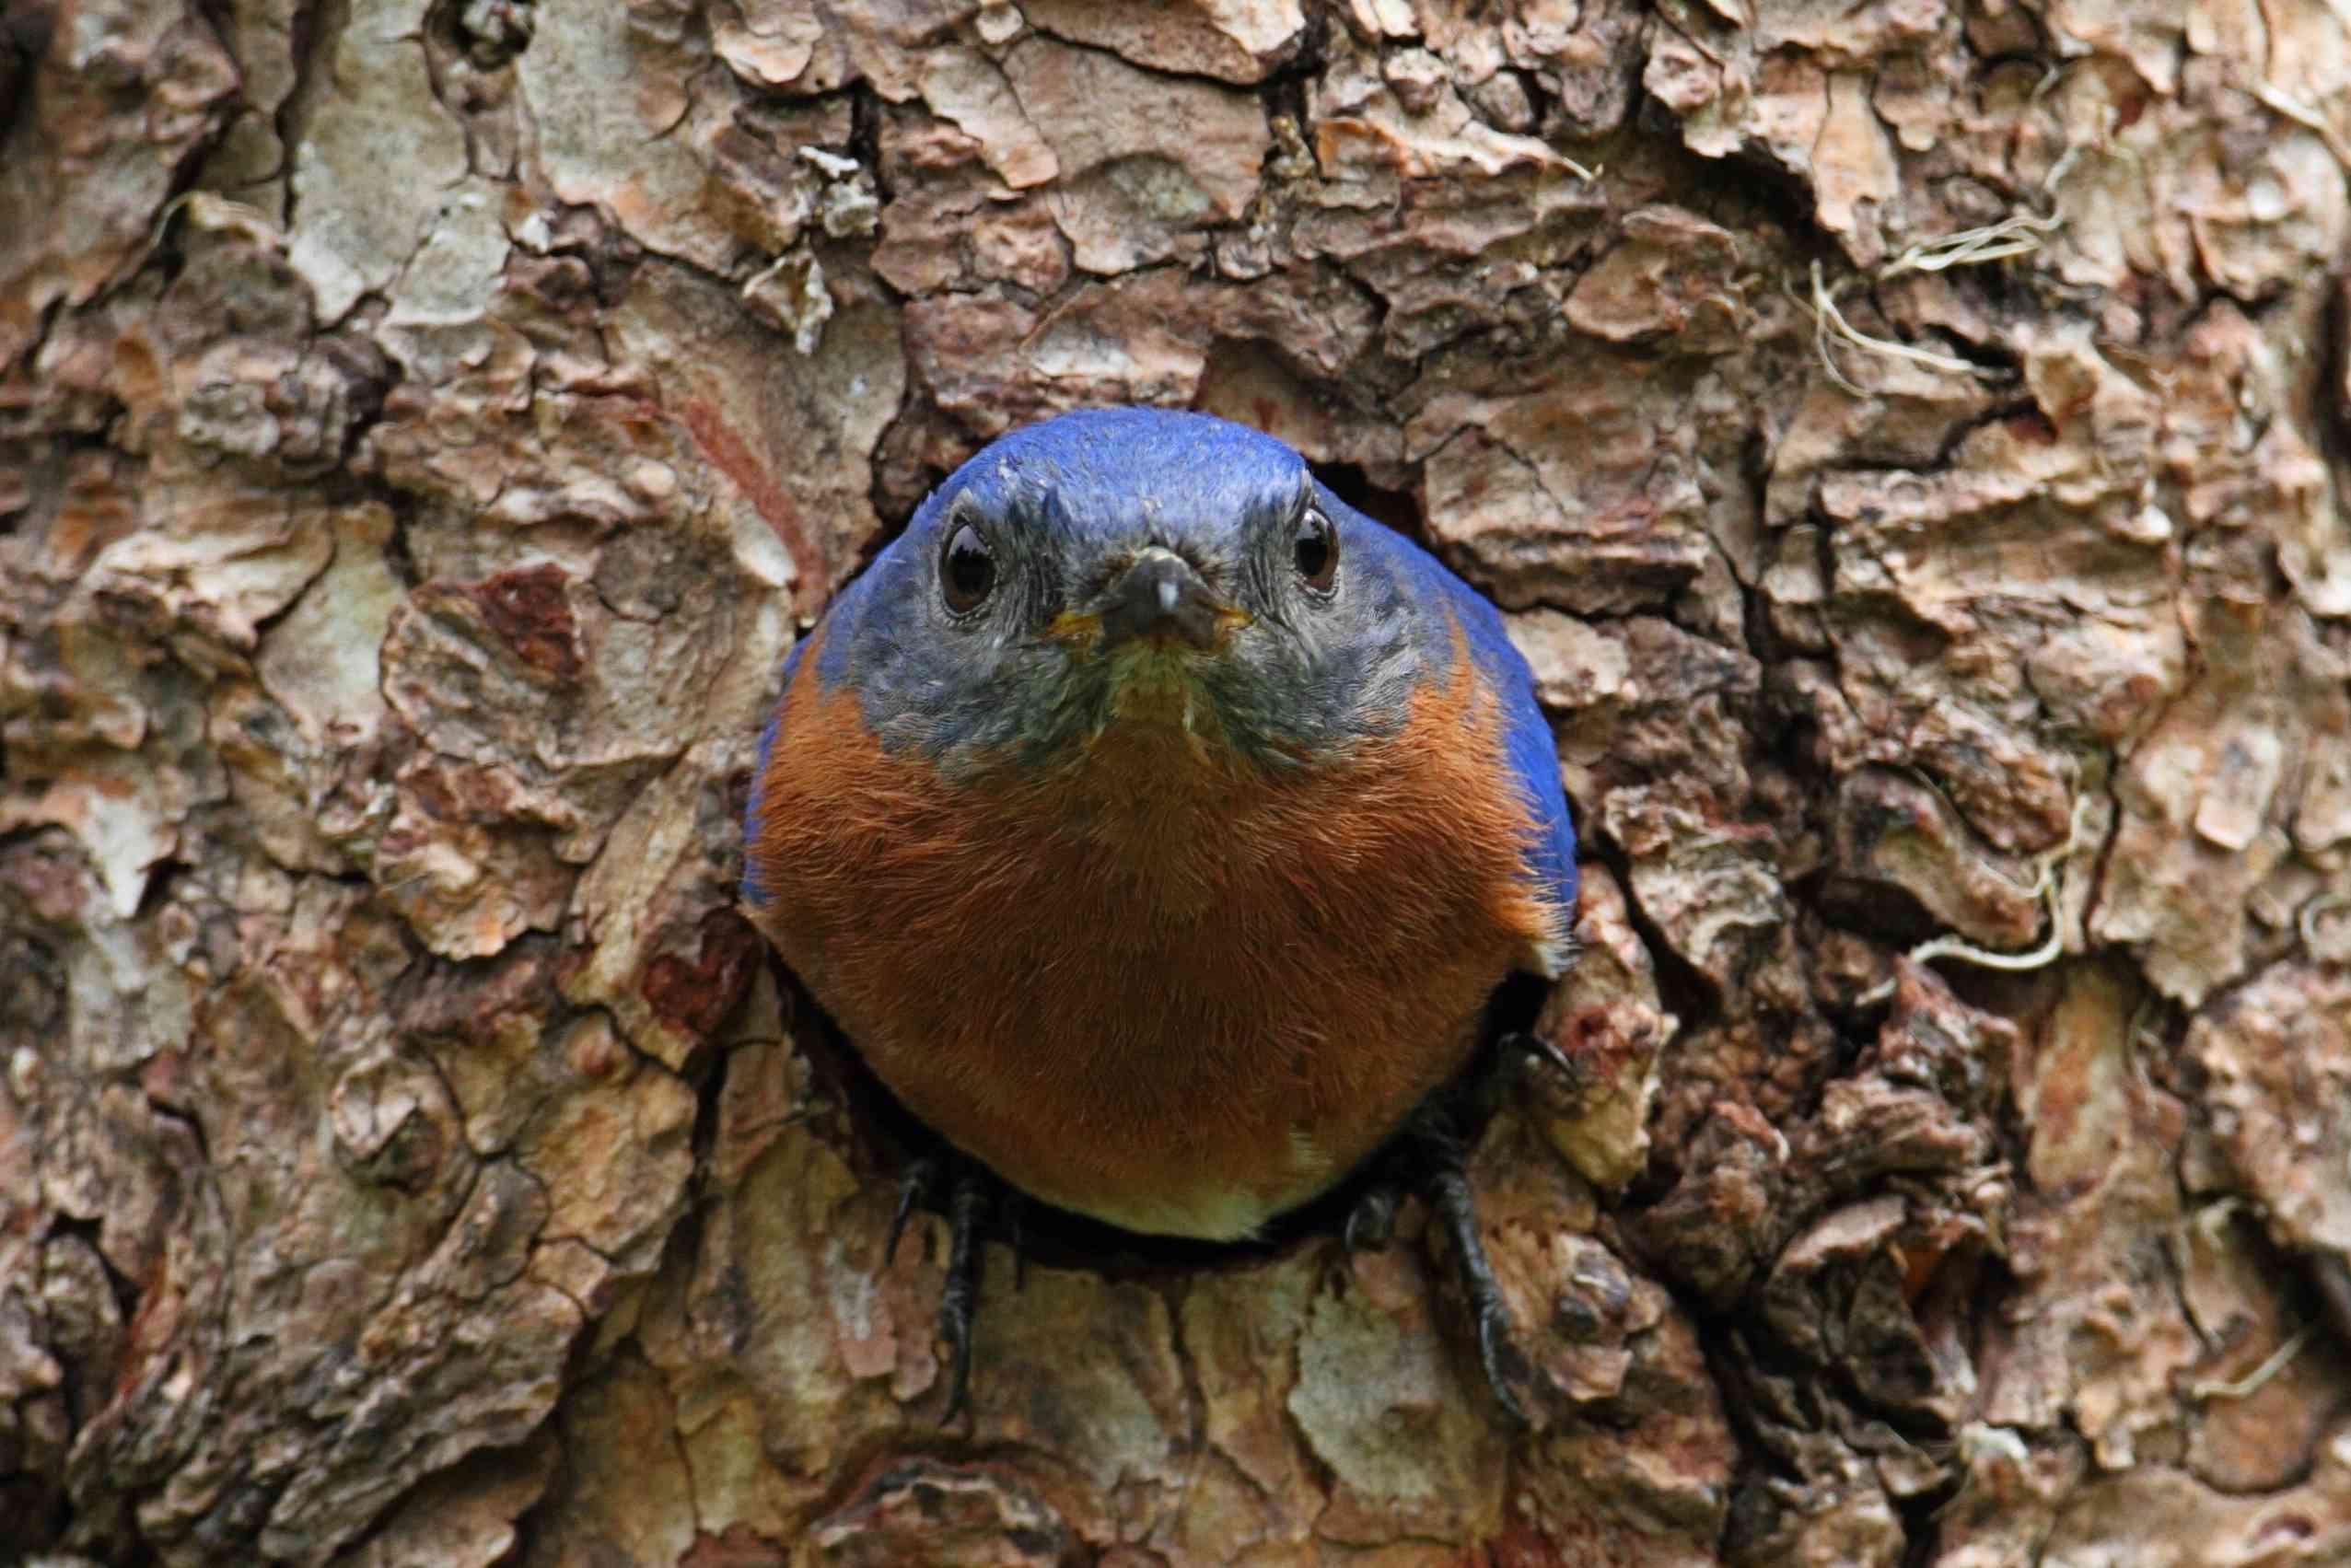 eastern bluebird in a tree cavity